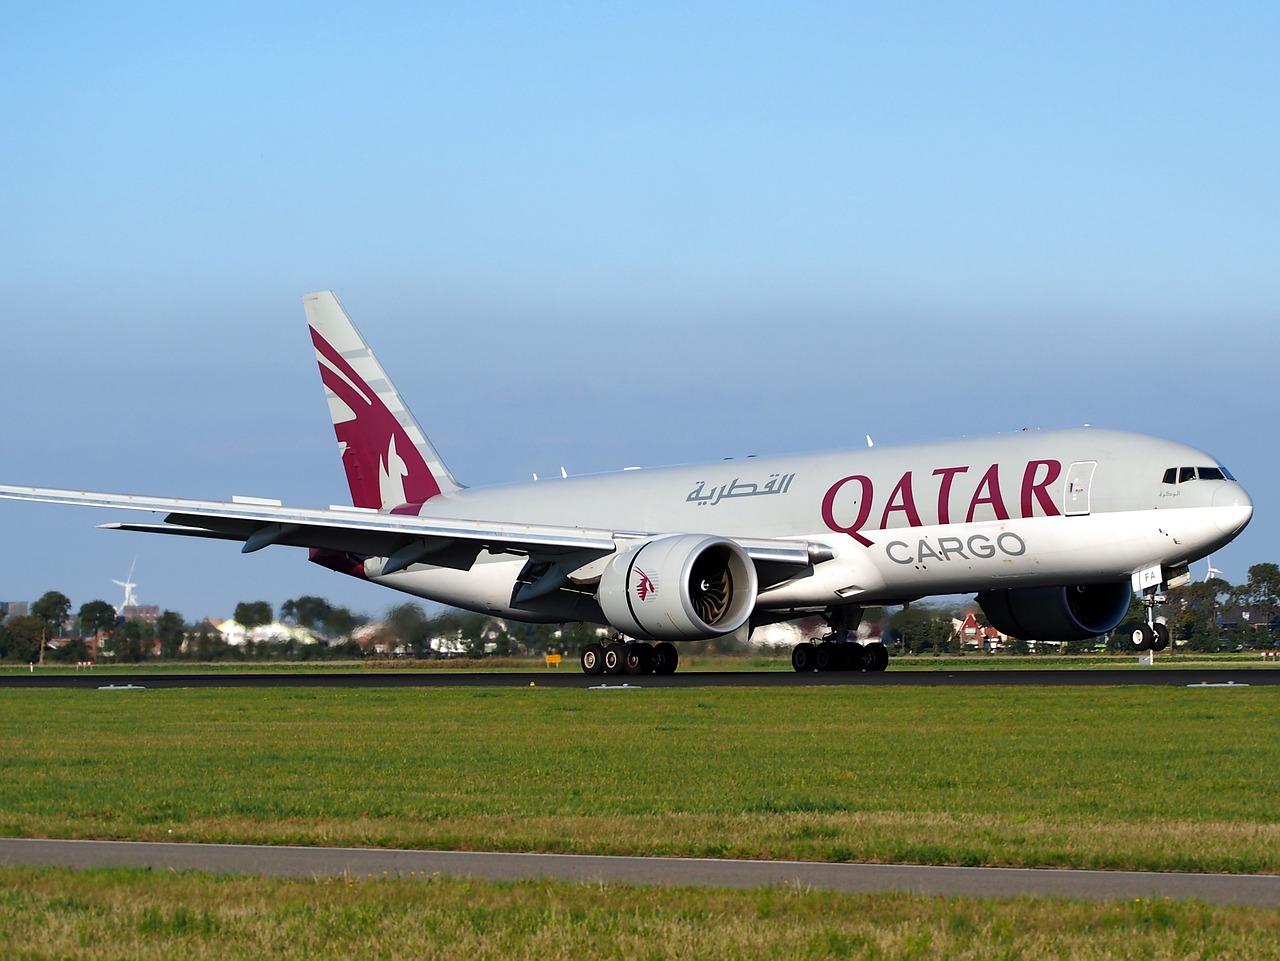 ТОП-10 лучших авиакомпаний мира. Рейтинг 2017 года